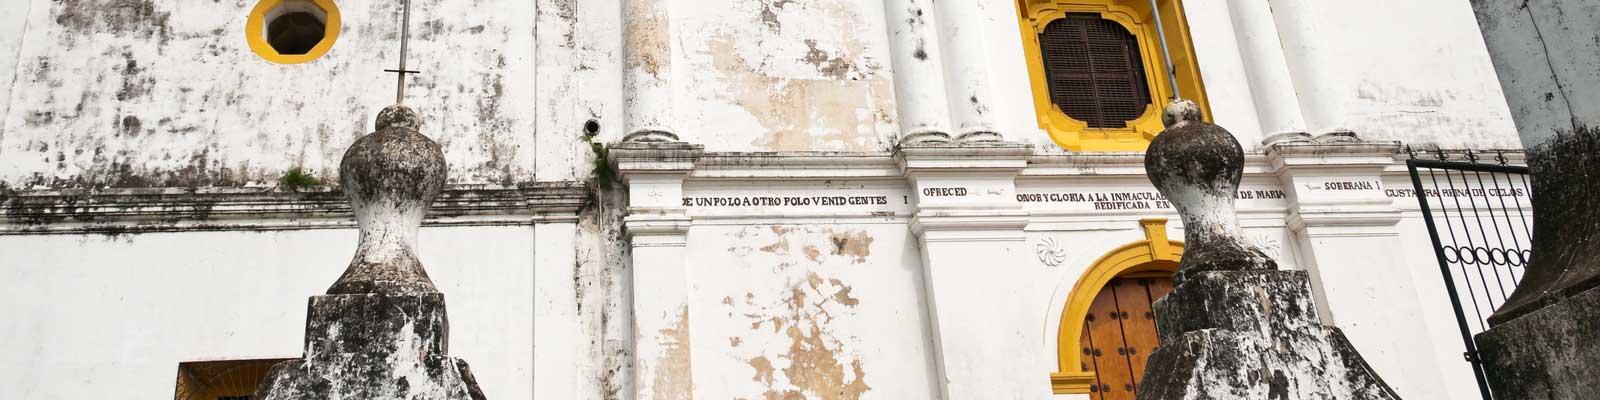 Nicaragua Immobilien - Büros, Bauflächen, Hotels - Bauen, Investieren, Mieten